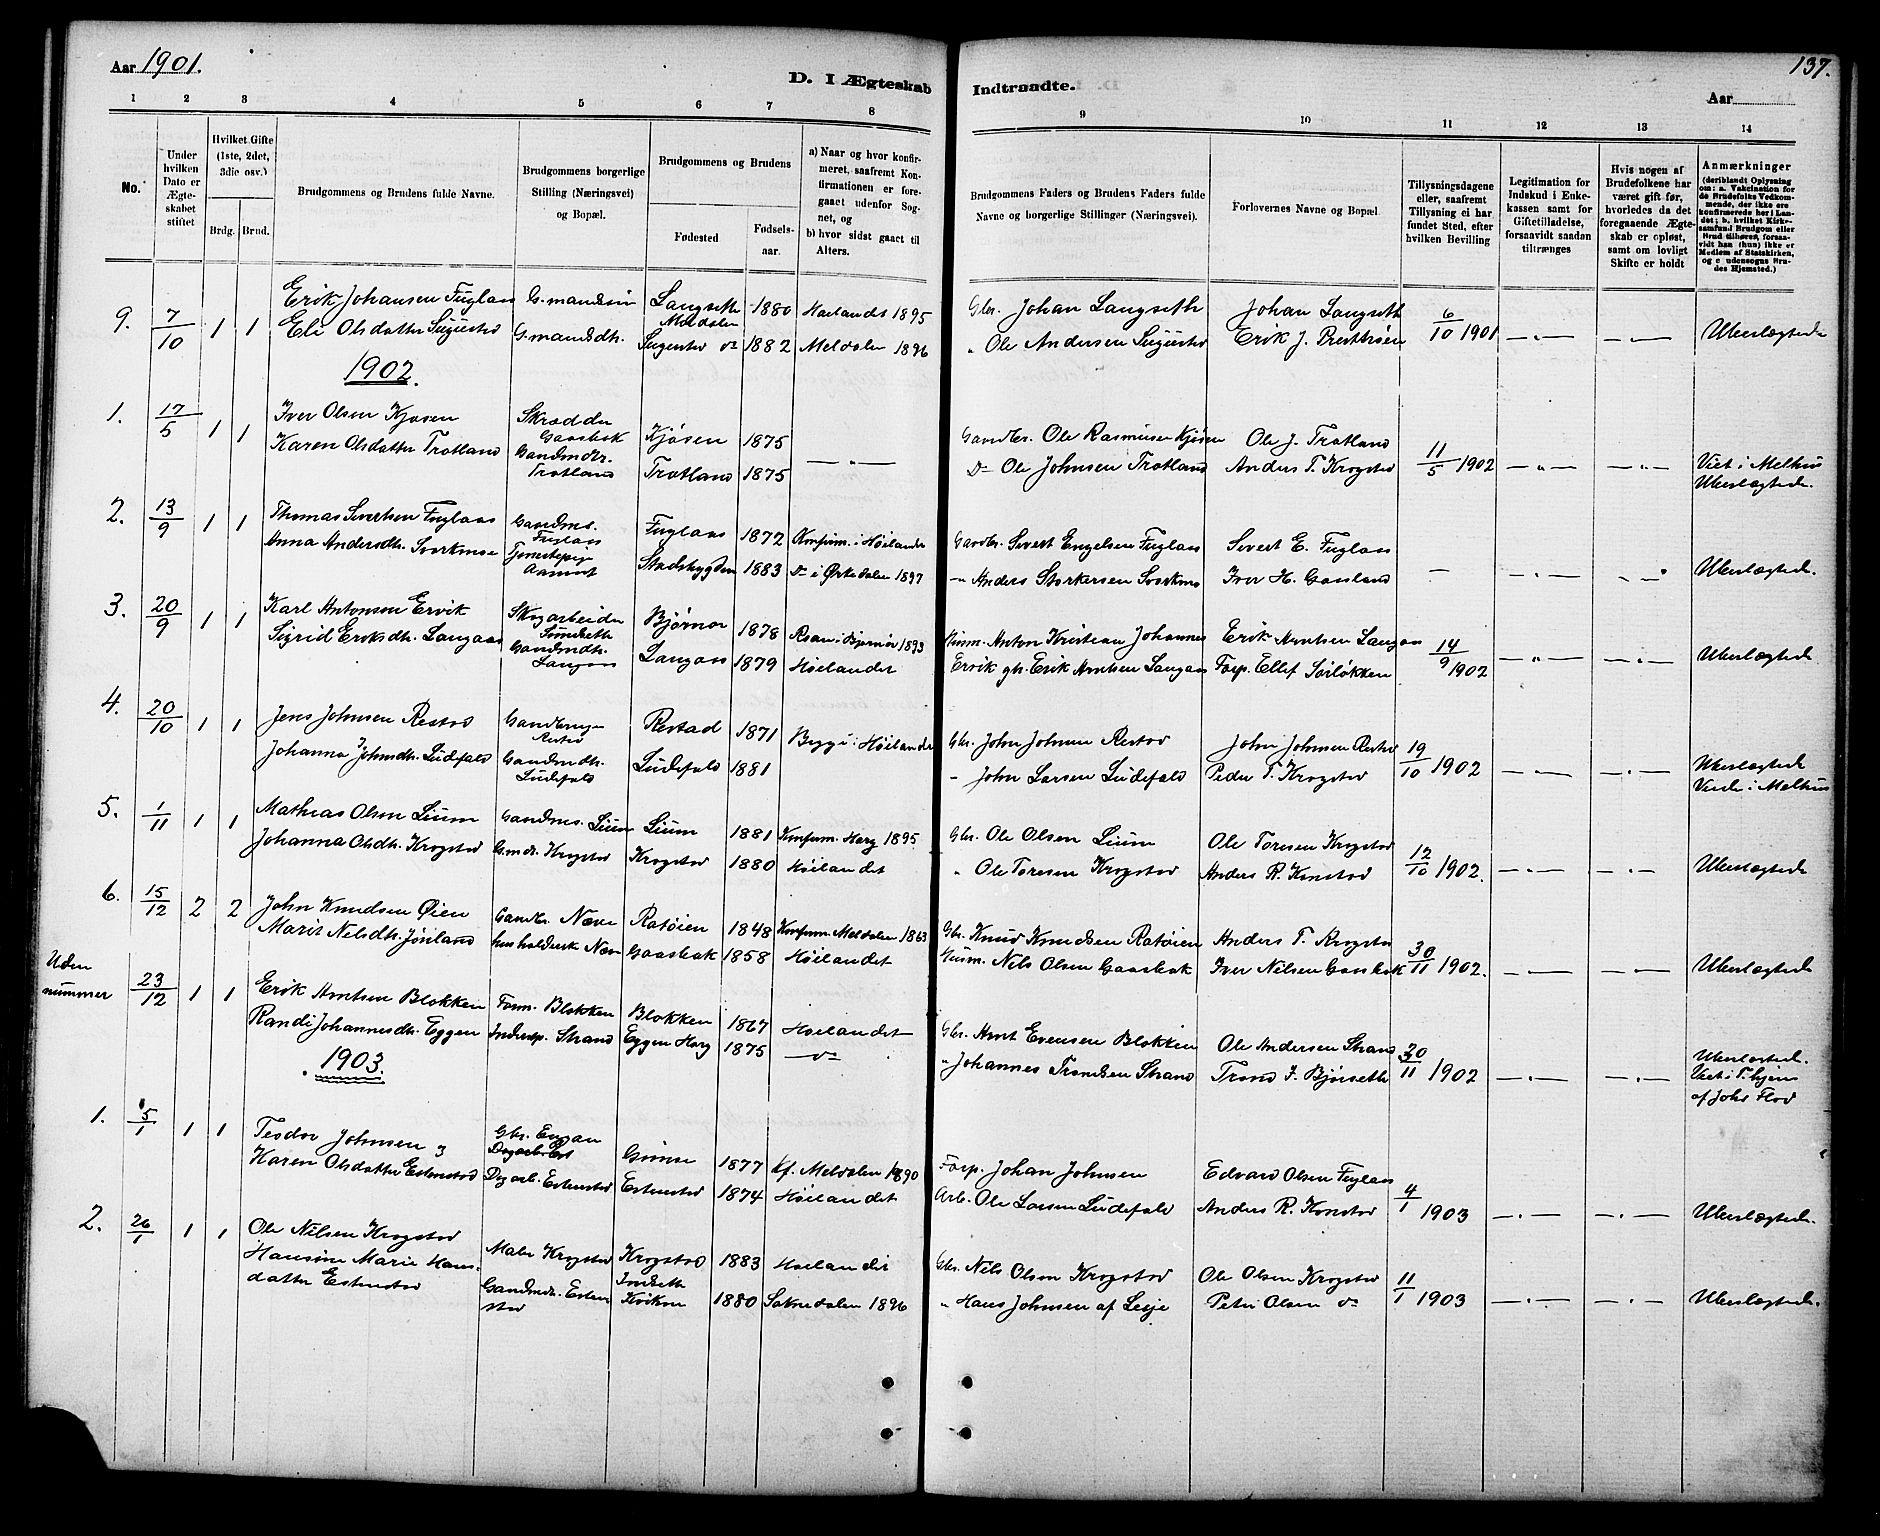 SAT, Ministerialprotokoller, klokkerbøker og fødselsregistre - Sør-Trøndelag, 694/L1132: Klokkerbok nr. 694C04, 1887-1914, s. 137